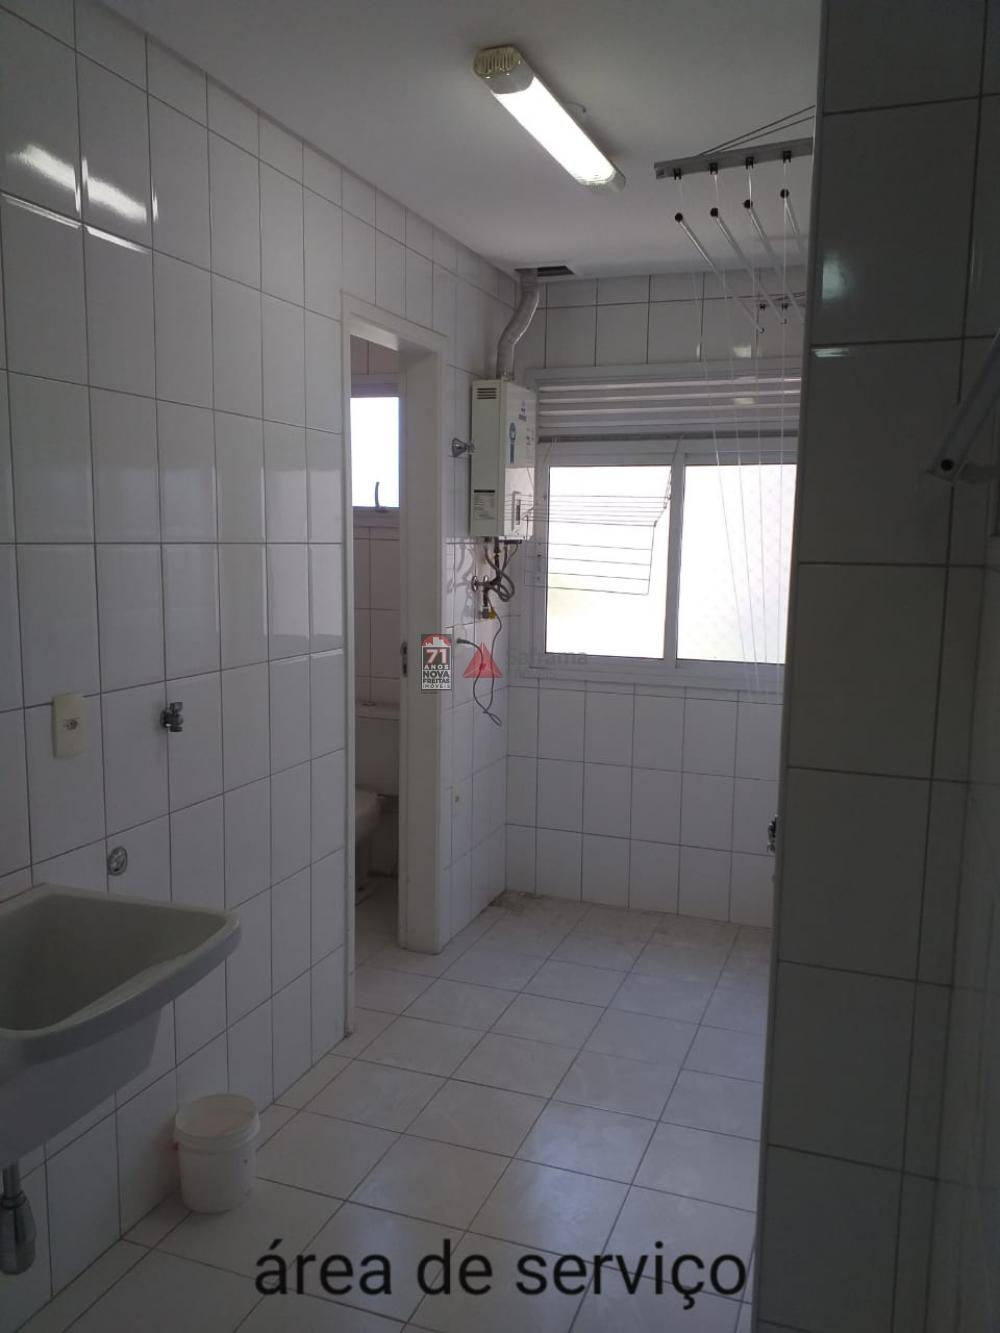 Comprar Apartamento / Padrão em São José dos Campos apenas R$ 550.000,00 - Foto 21